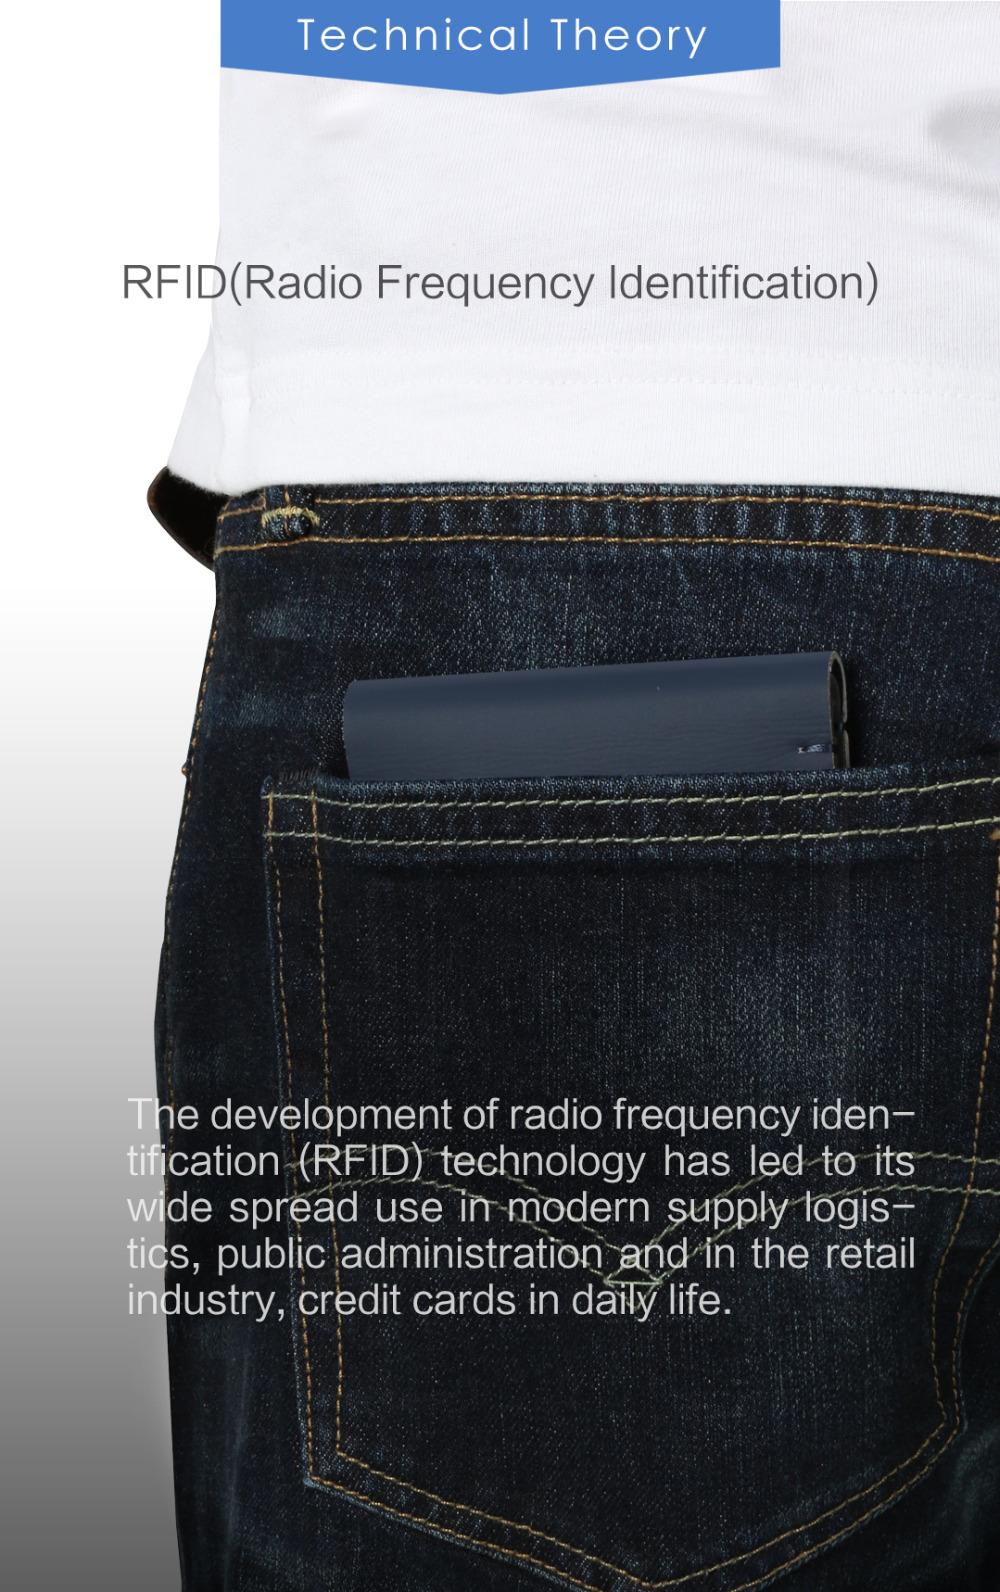 карточка RFID считыватель; игрушка Кот; Основной Материал:: Полиэстер; Основной Материал:: Полиэстер;